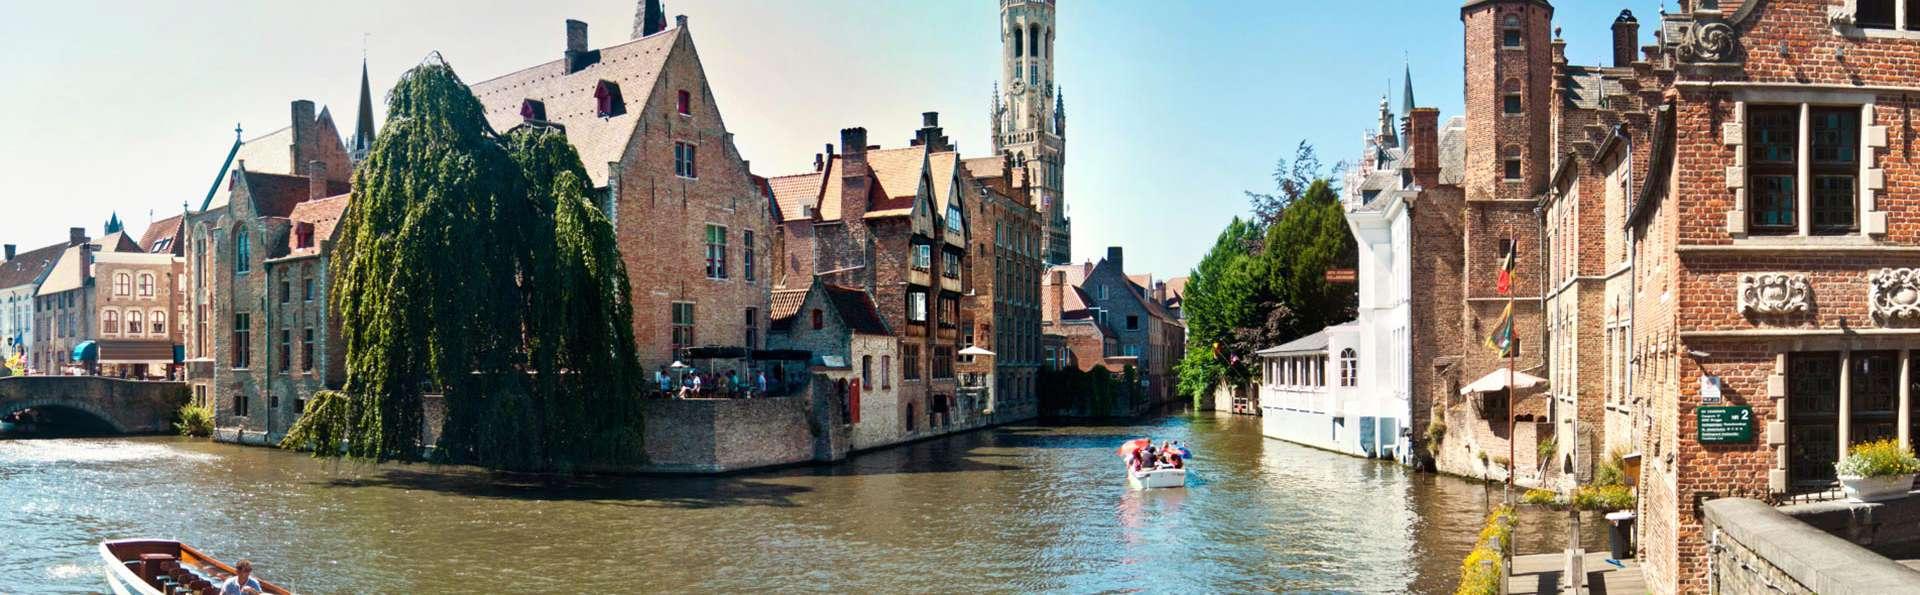 Découvrez le coeur historique de Bruges lors d'une croisière